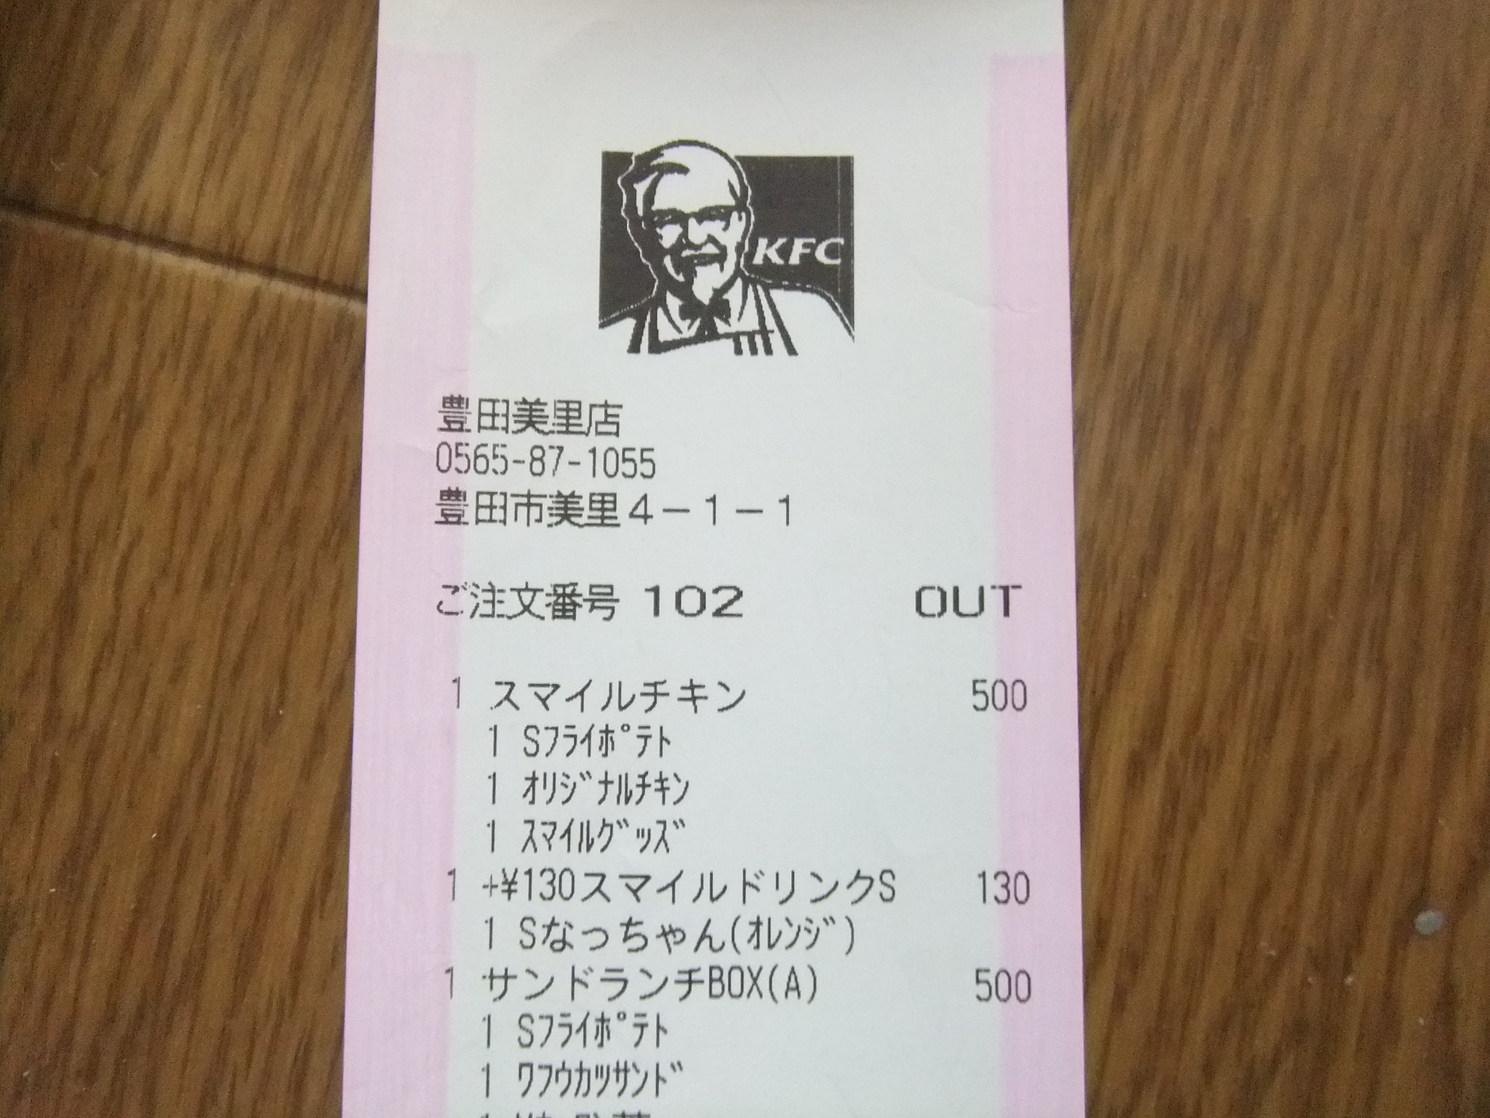 ケンタッキーフライドチキン 豊田美里店